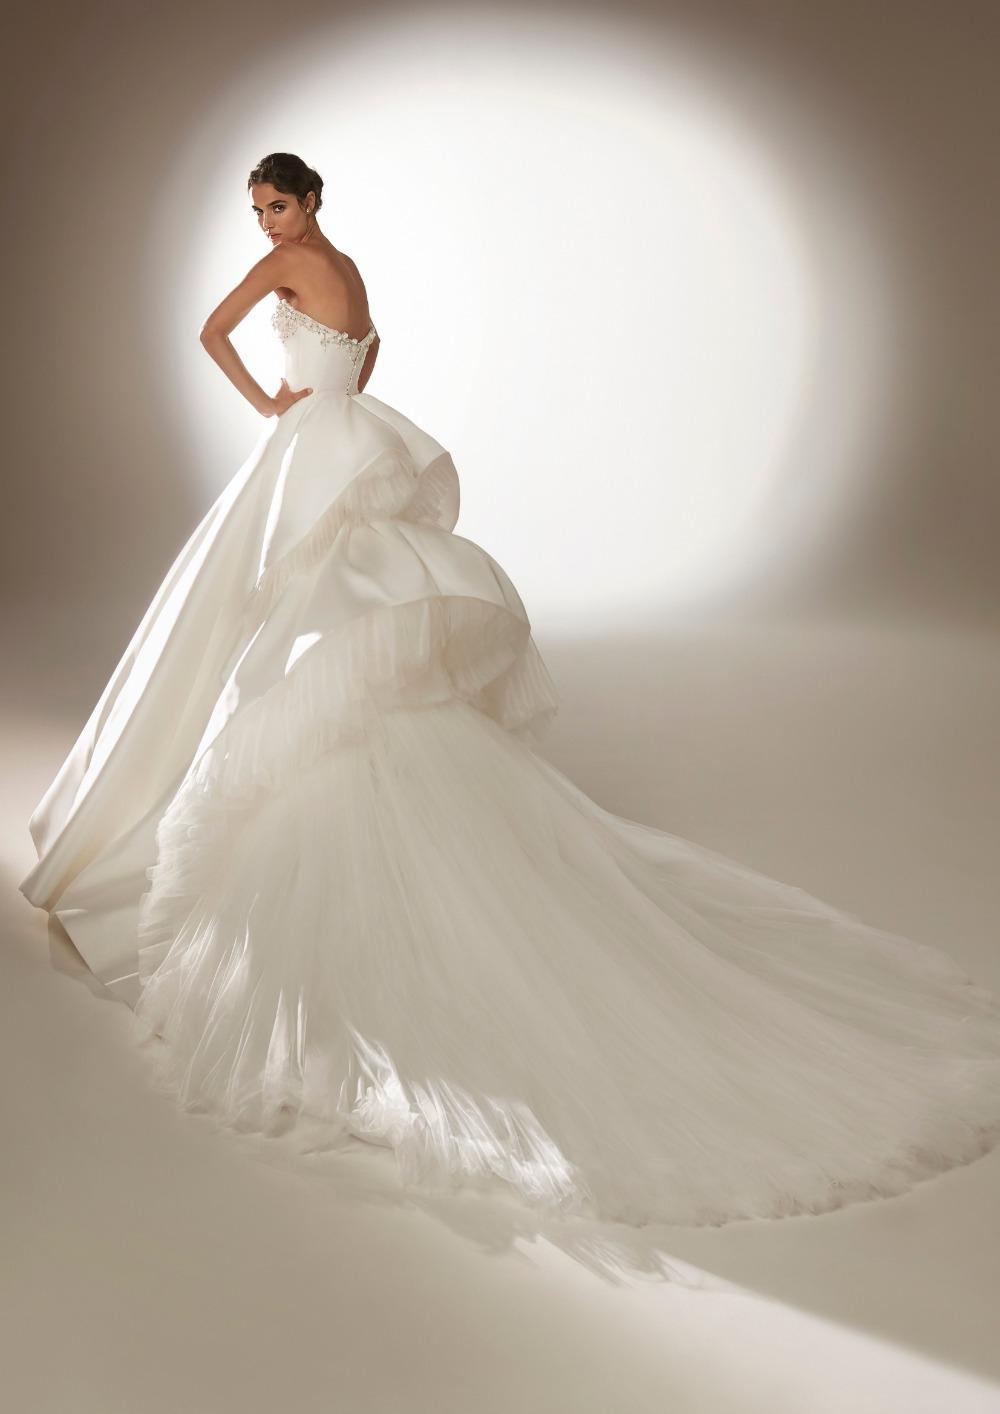 Atelier Pronovias * Svadobné šaty z kolekcie na 2021 - Obrázok č. 35